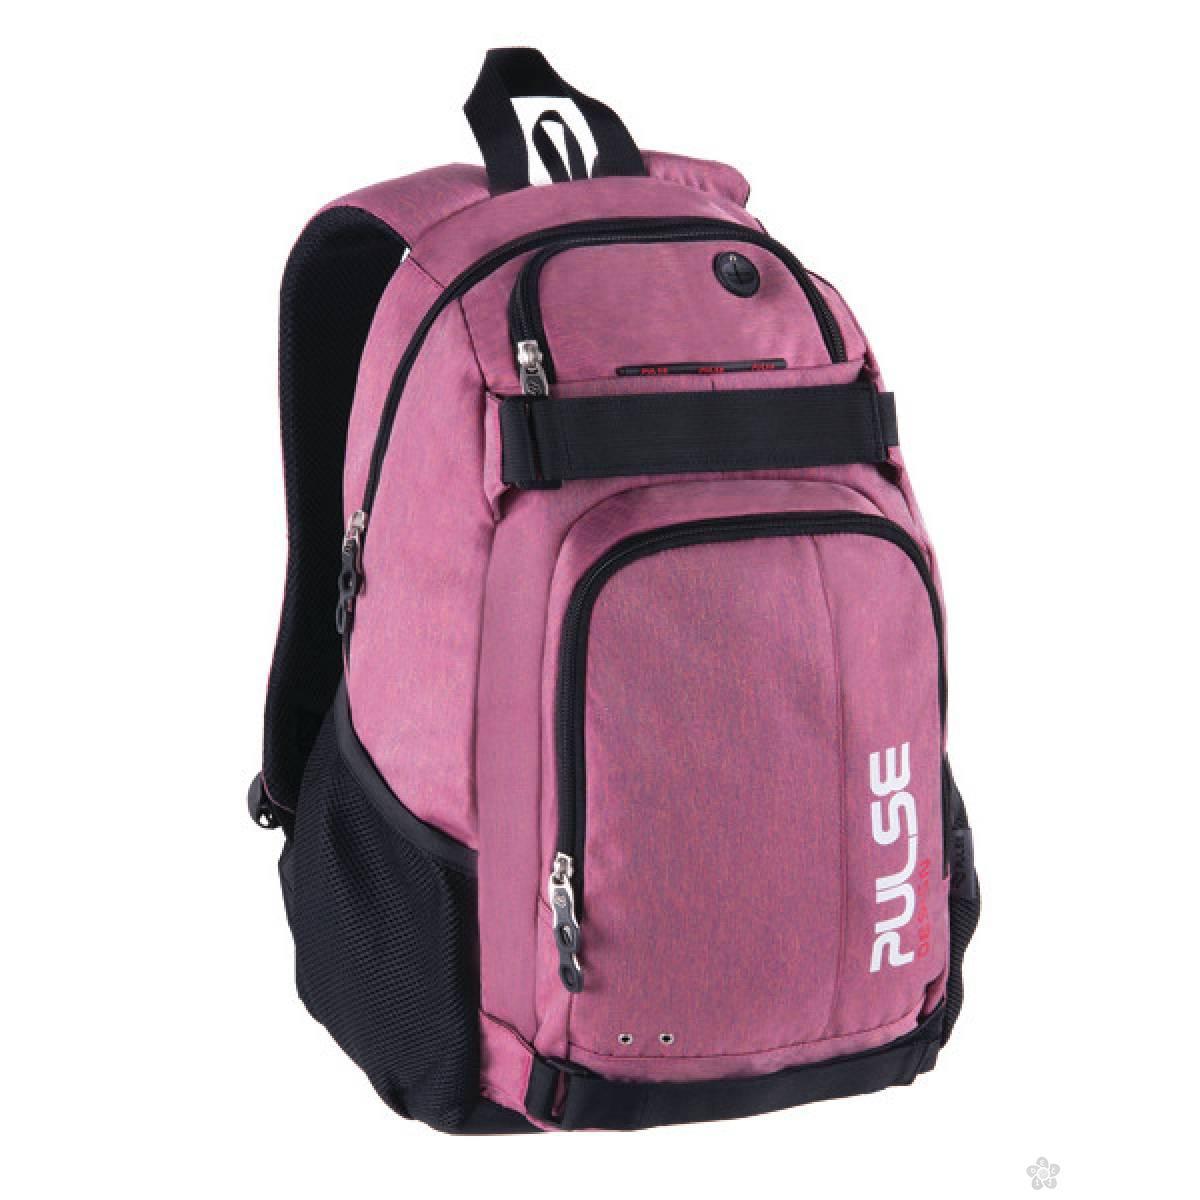 Ranac Scate Pink Blue 121538